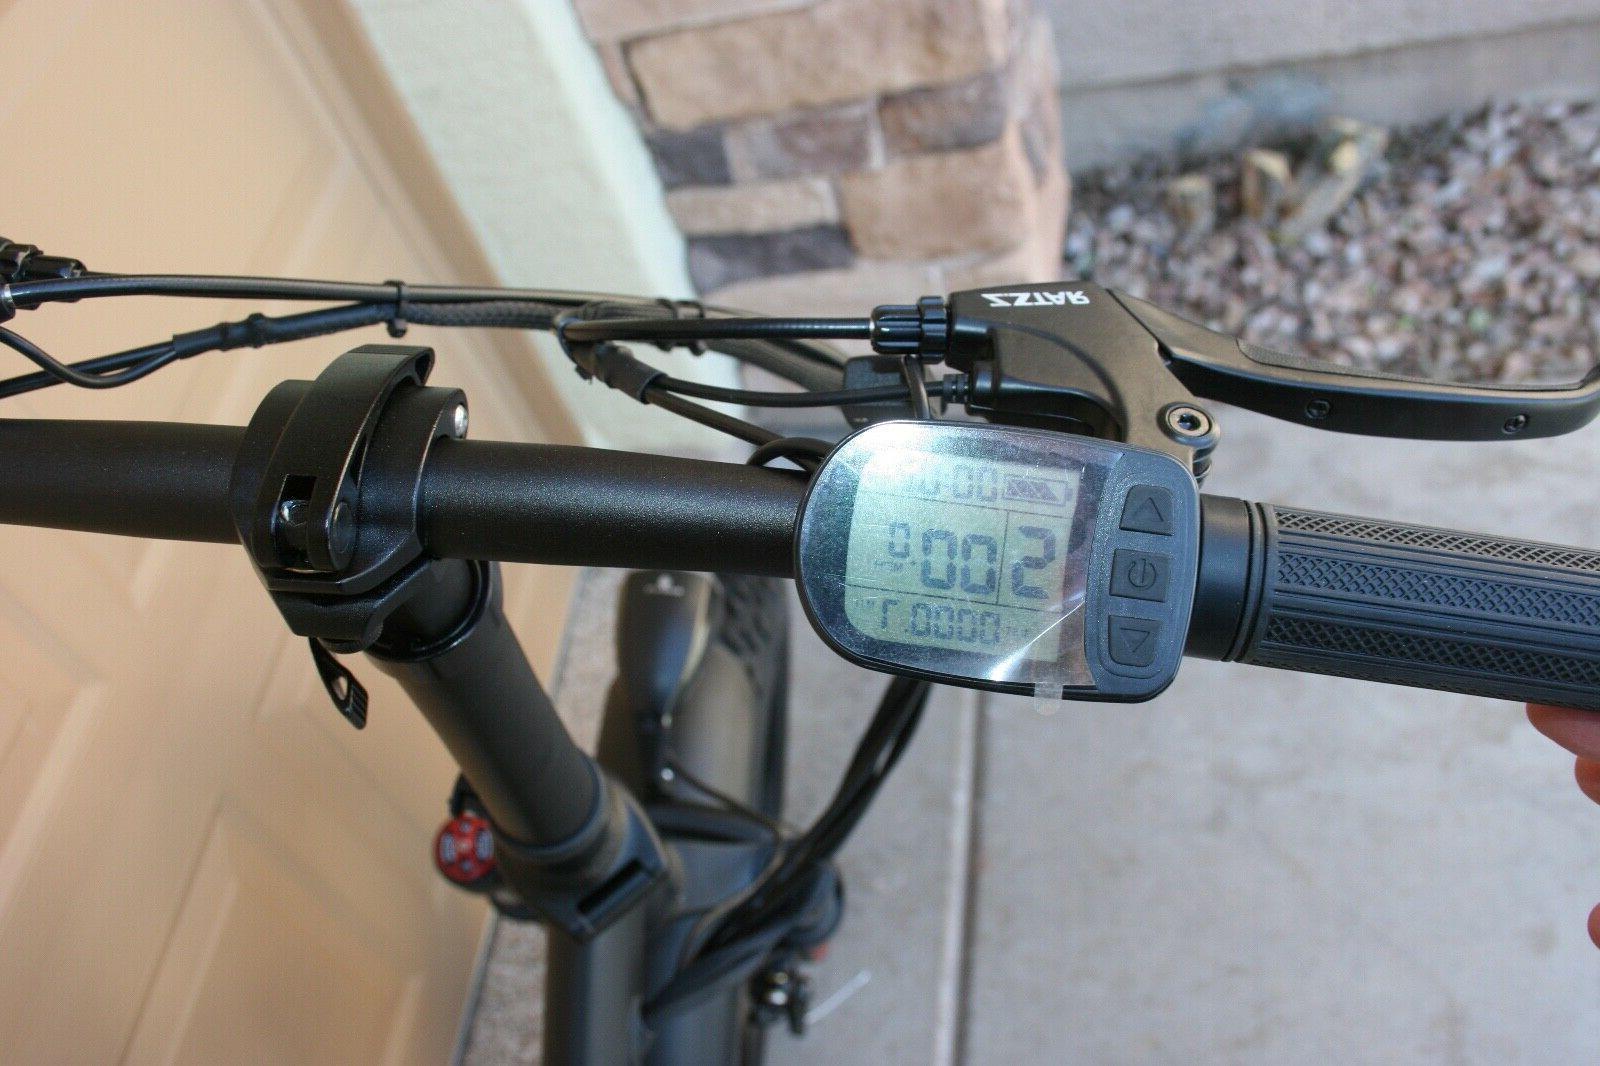 E Bicycle 1000 Electric Bike 48v 21ah